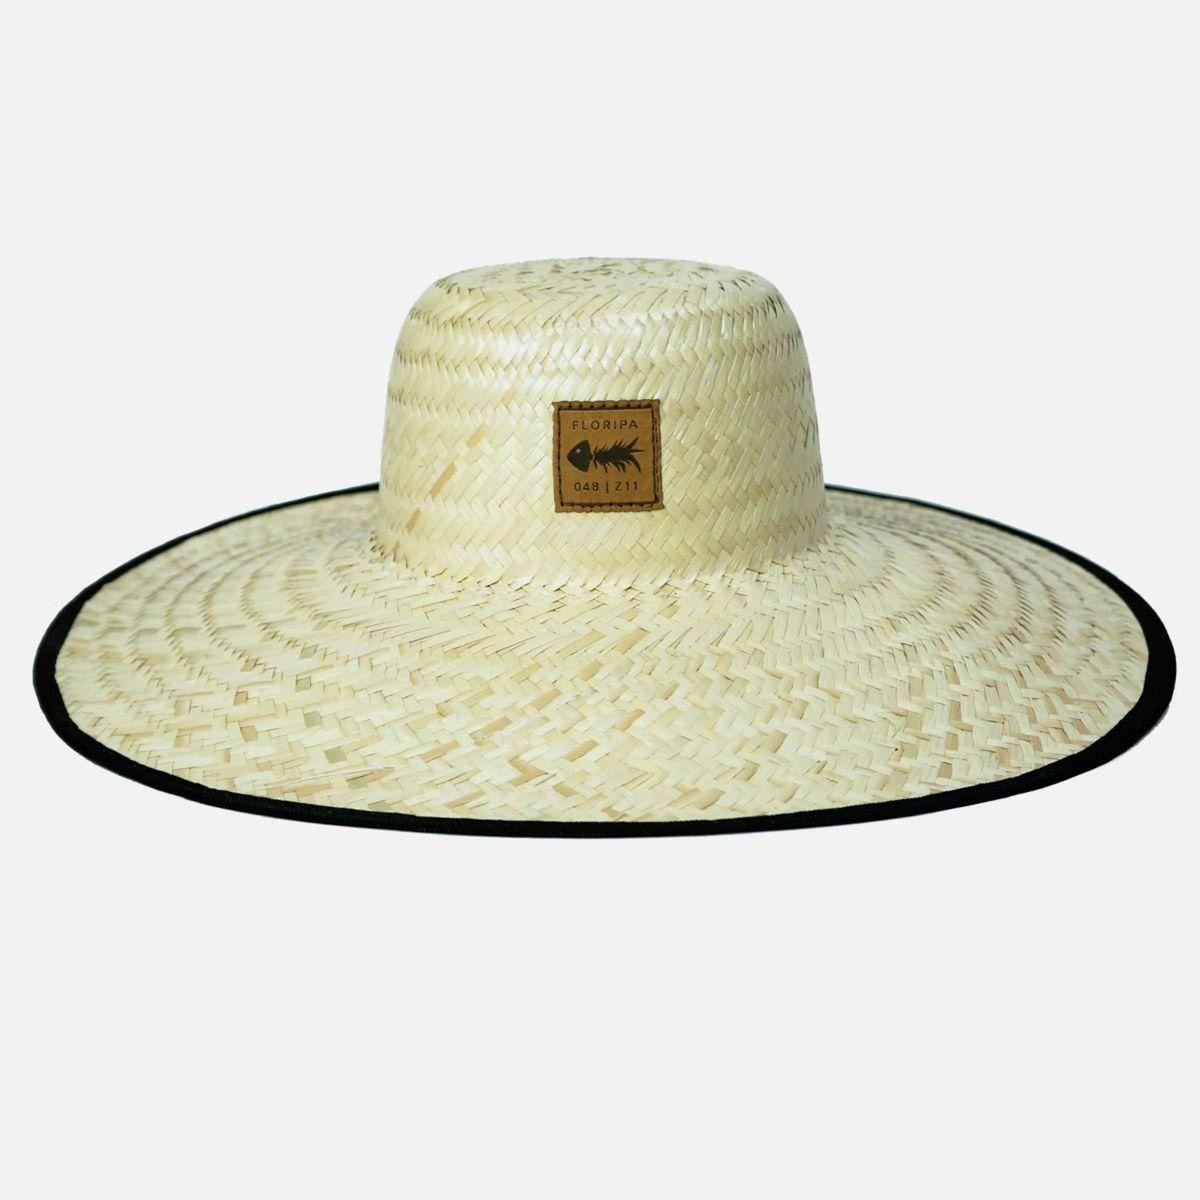 ff14a3fb32 Chapéu de Palha Surf | Moda Praia Masculina Clothis Nunca Usado 29158810 |  enjoei